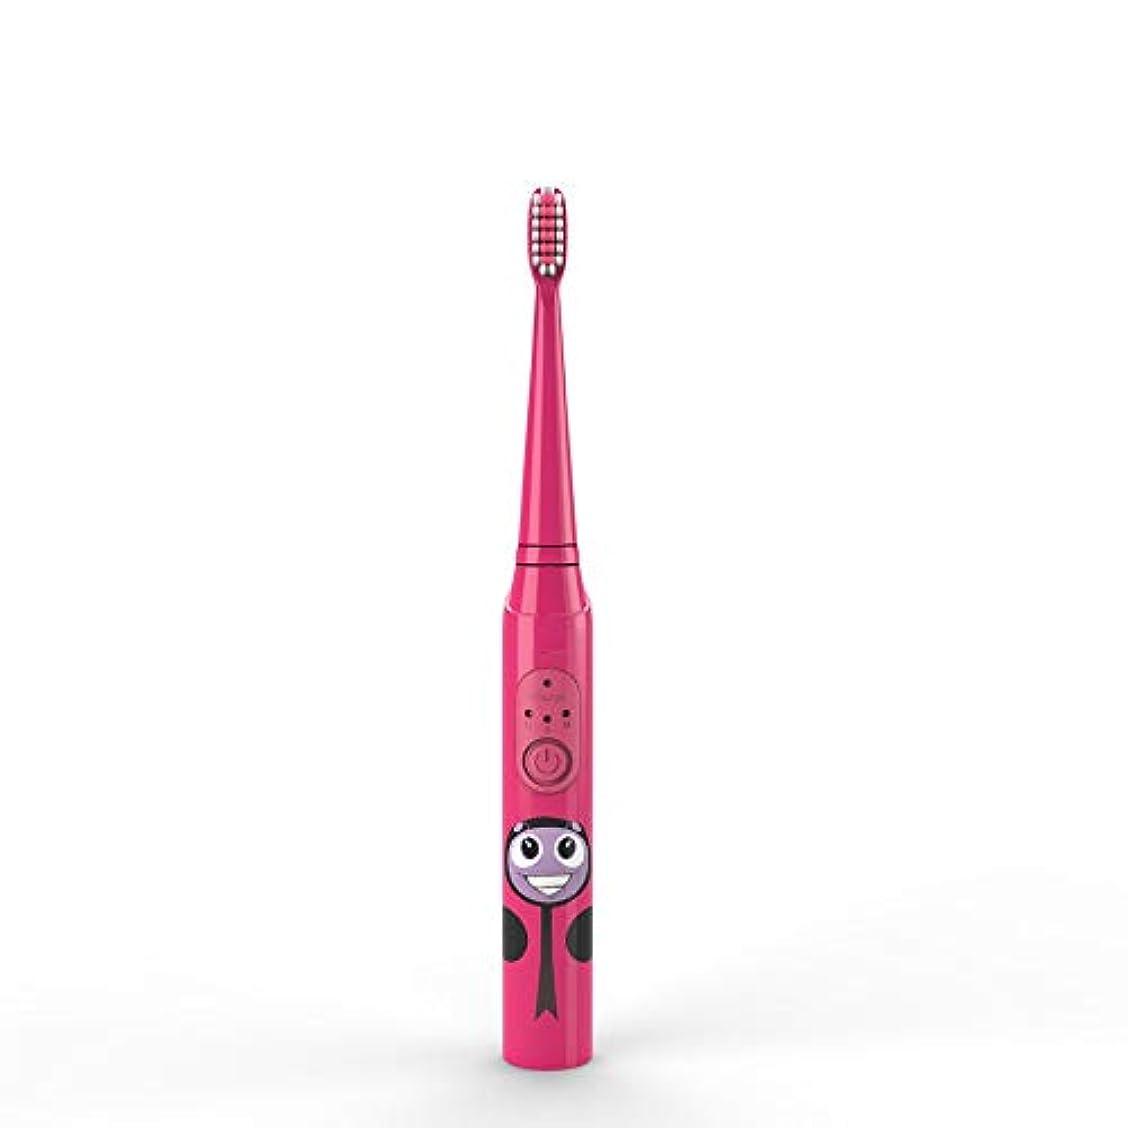 美徳贅沢な特性電動歯ブラシ 子供の電動歯ブラシUSB充電式保護清潔で柔らかい毛の歯ブラシ日常の使用 大人と子供向け (色 : 赤, サイズ : Free size)